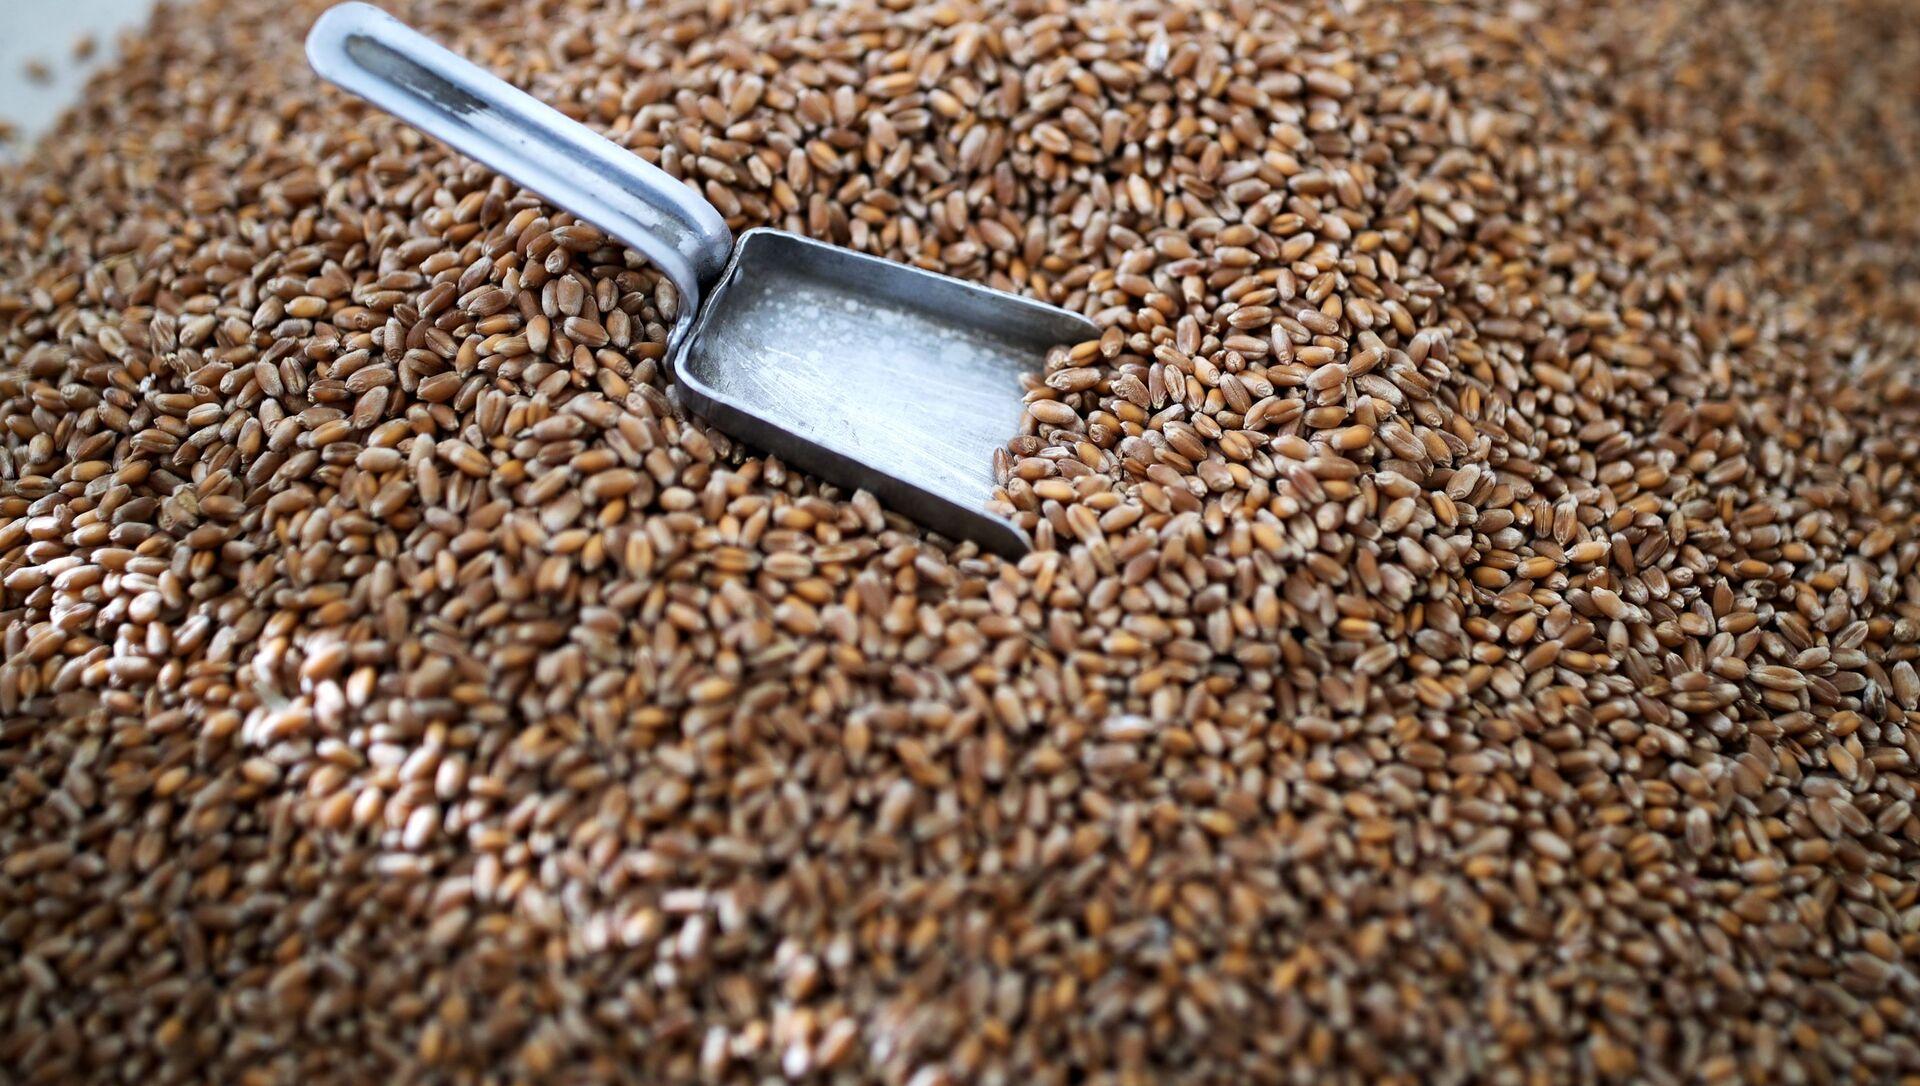 Зерно пшеницы, фото из архива - Sputnik Азербайджан, 1920, 15.03.2021